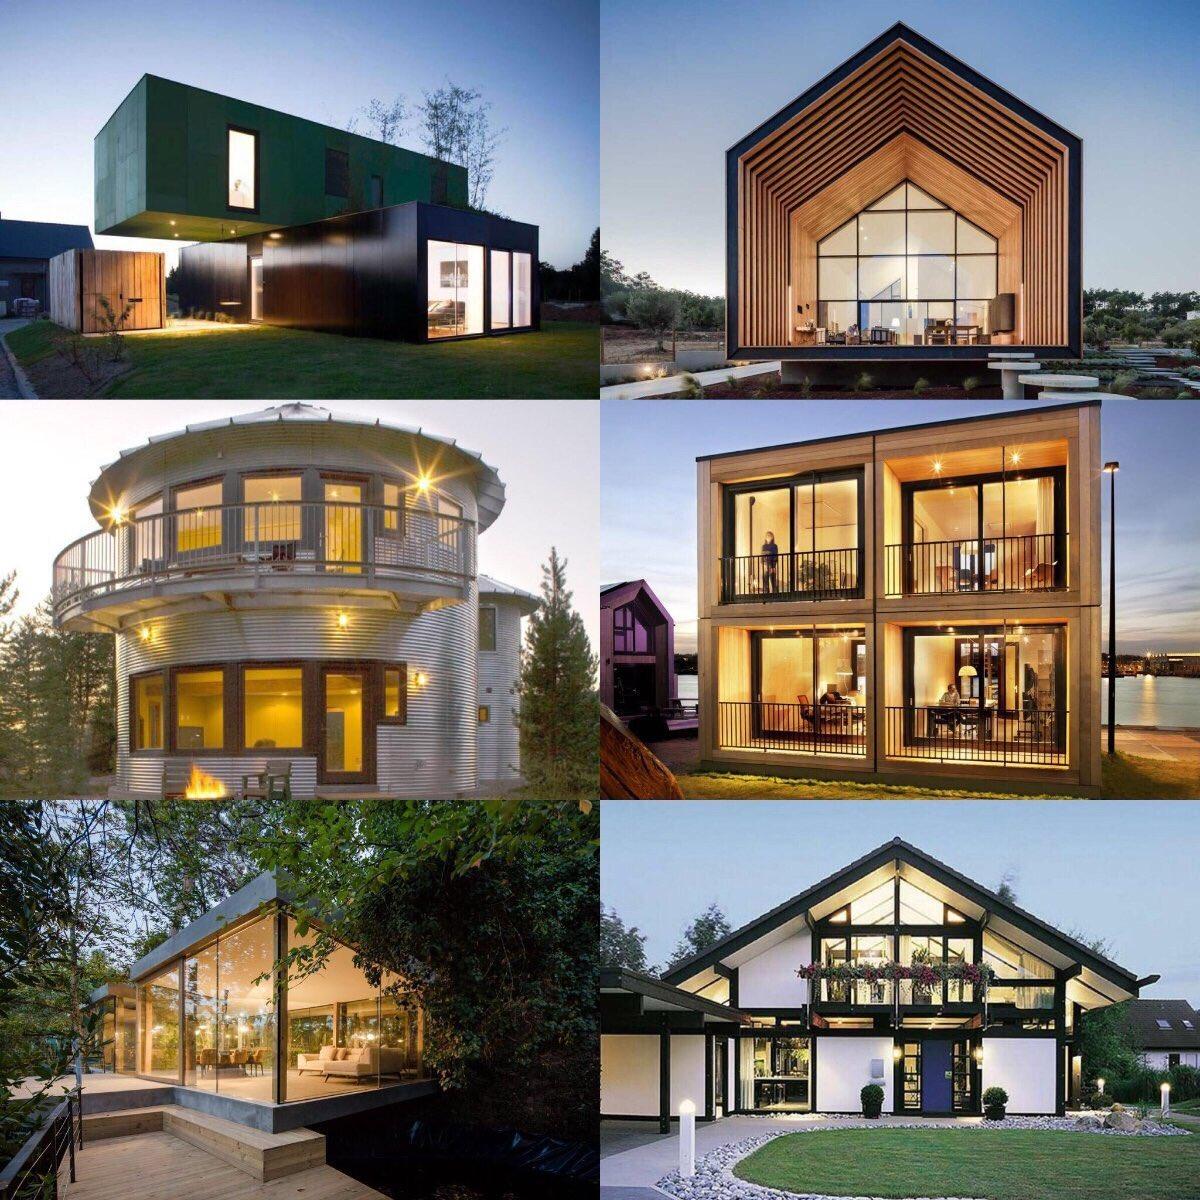 Precision Homes på Twitter: